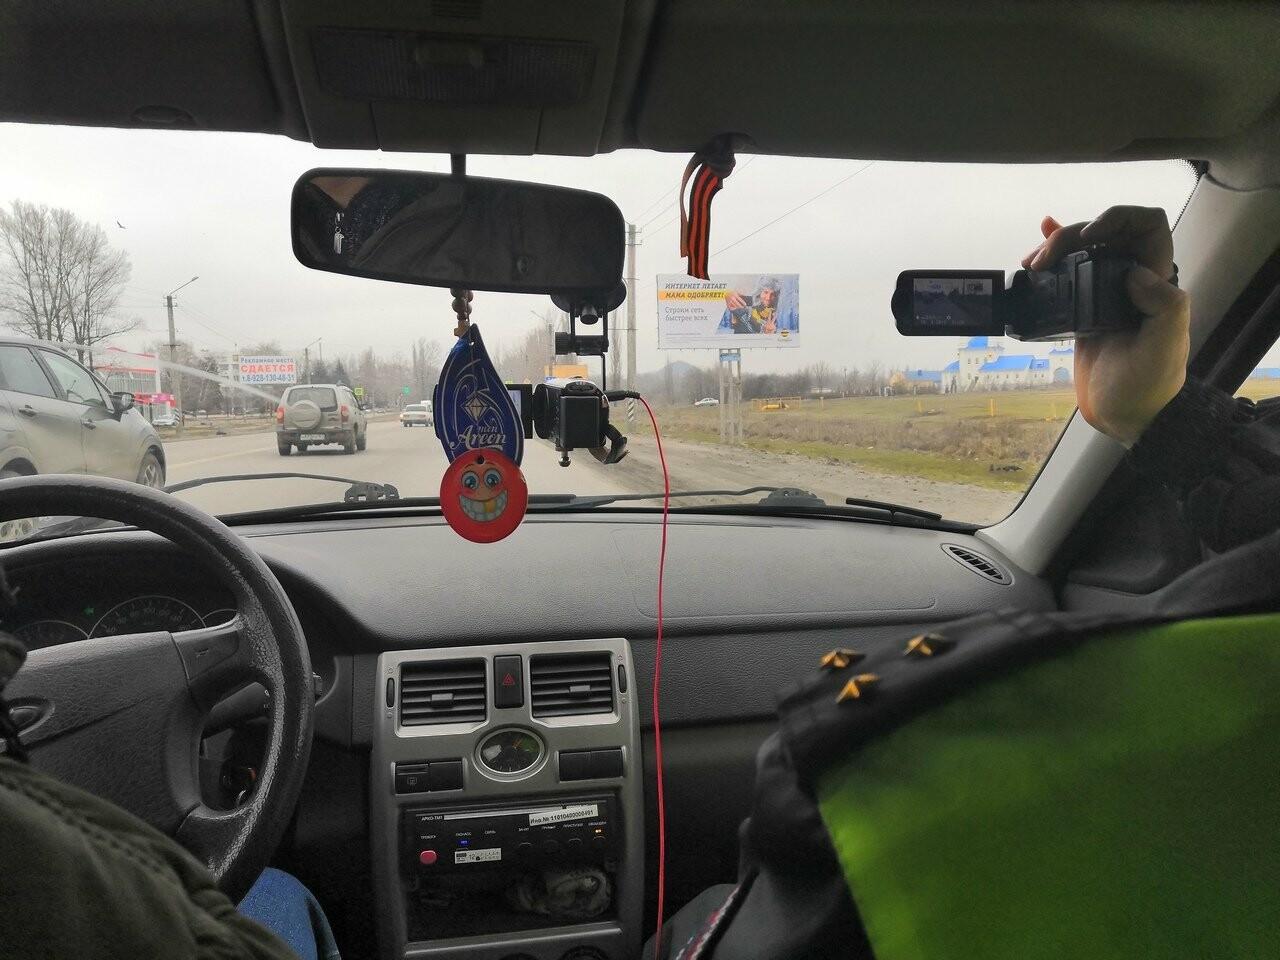 В Новошахтинске начал работать скрытый патруль ГИБДД, фото-1